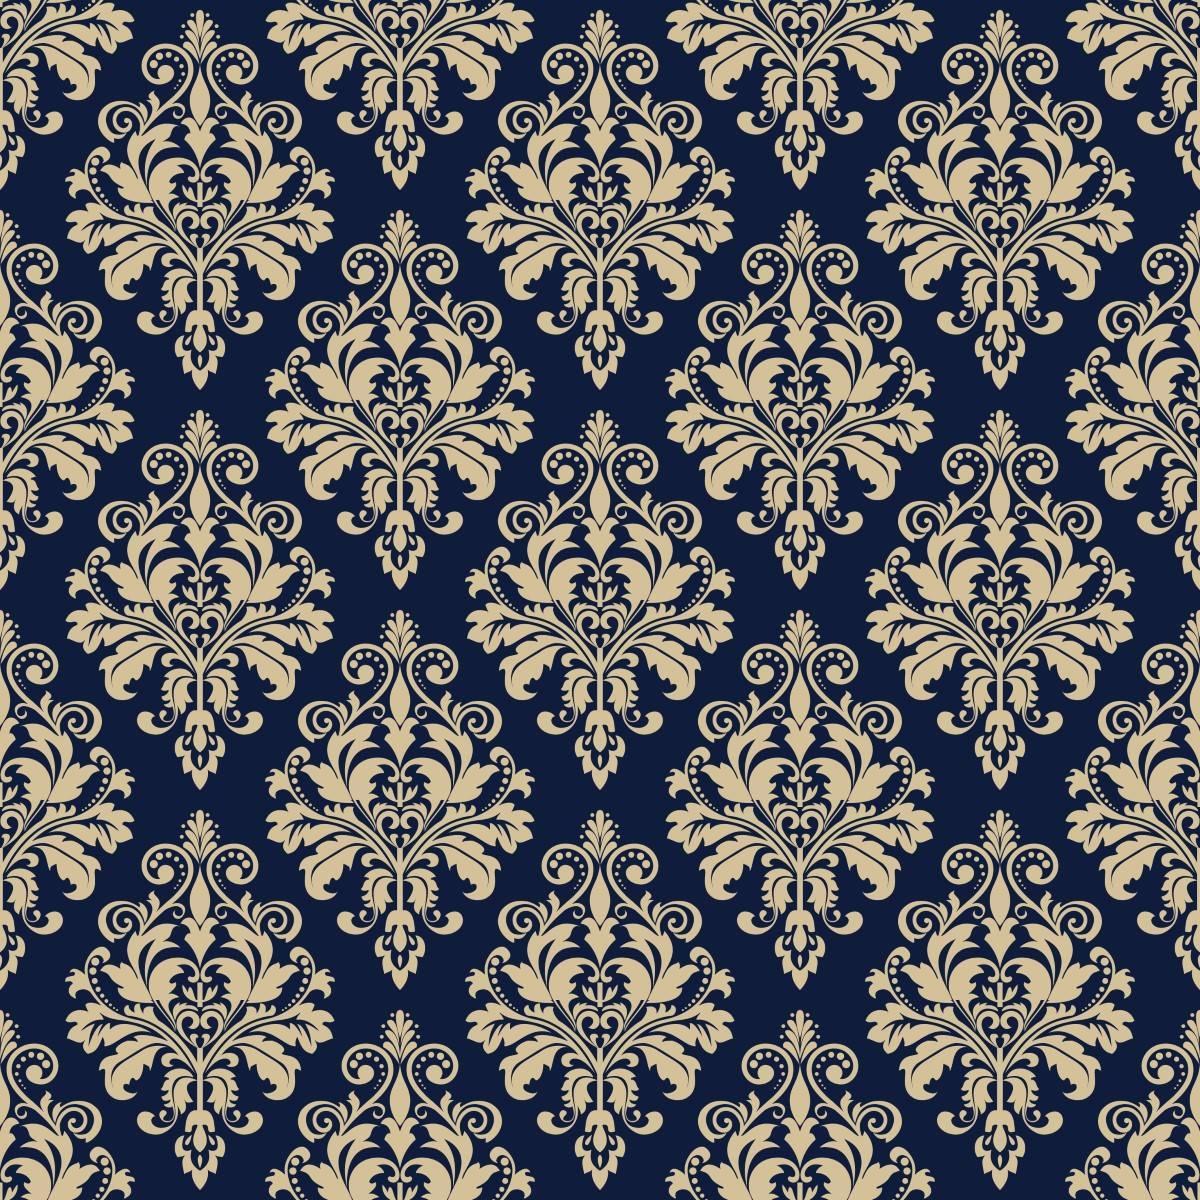 Papel de Parede Azul Marinho | Adesivo Vinilico imagem 2